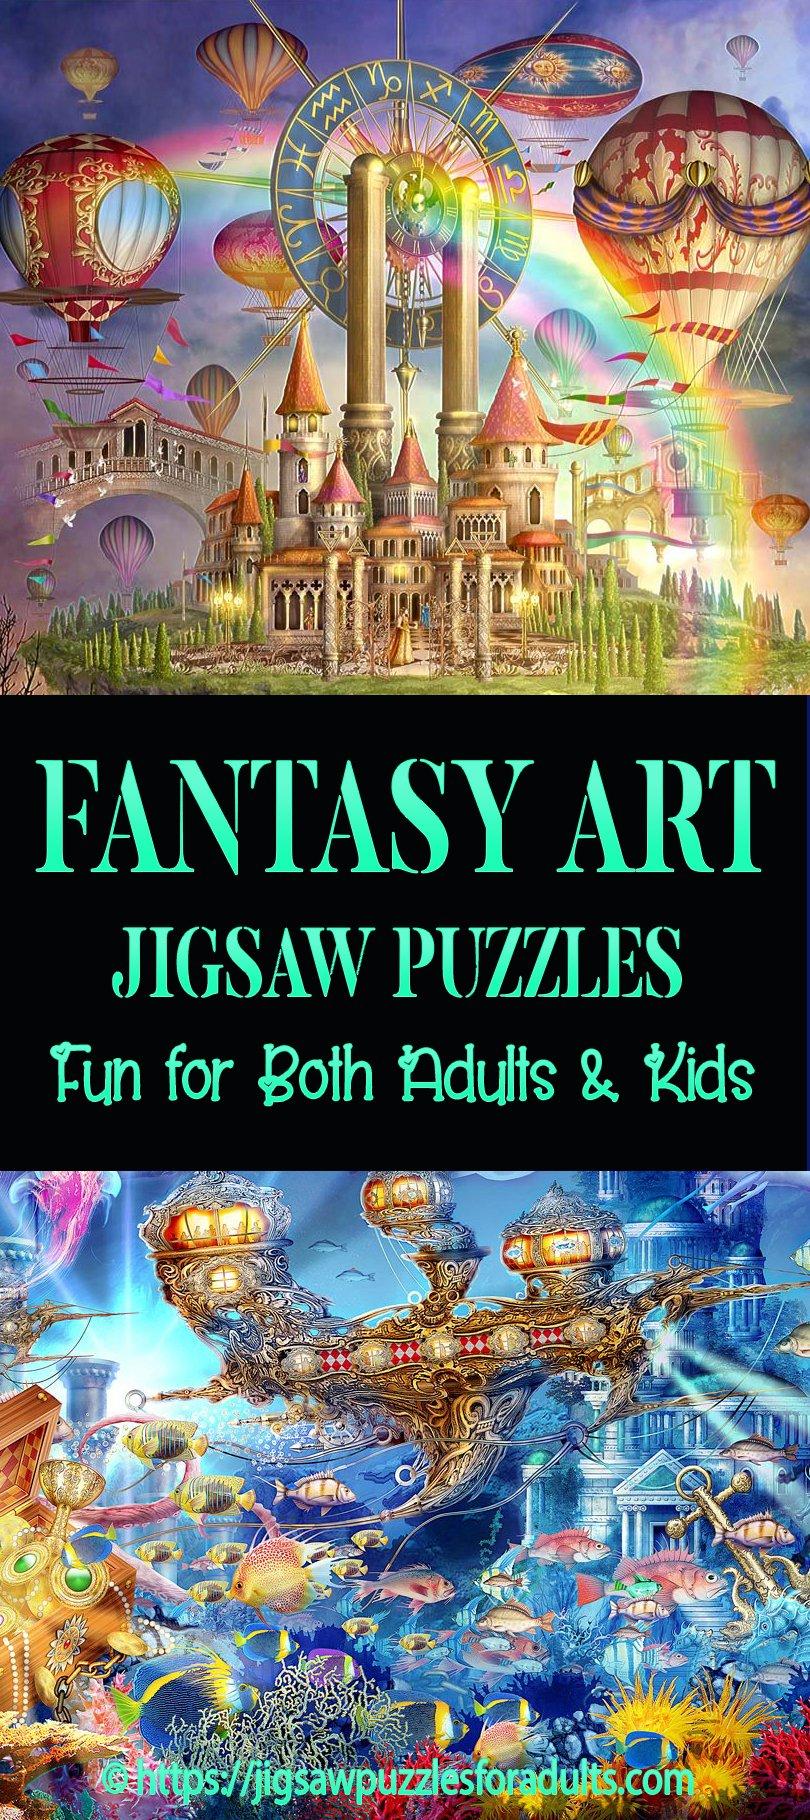 Fantasy Art Jigsaw Puzzles